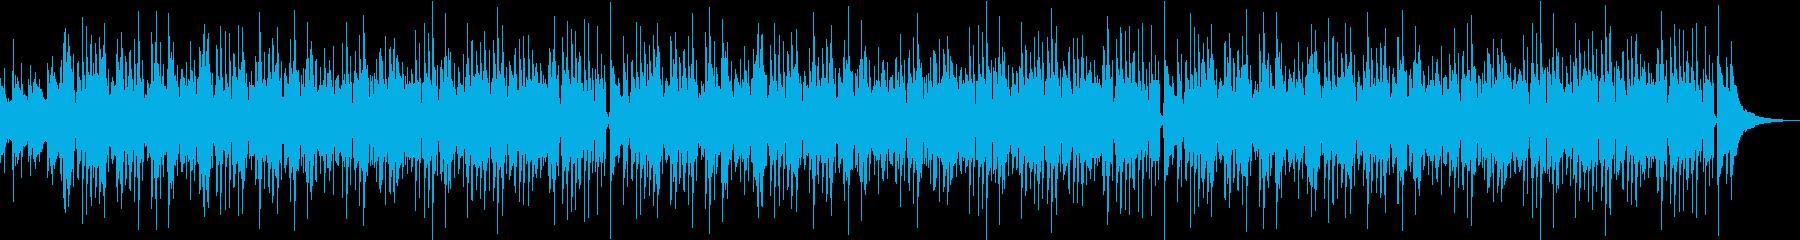 子供に嬉しいマリンバの優しい生演奏ポップの再生済みの波形